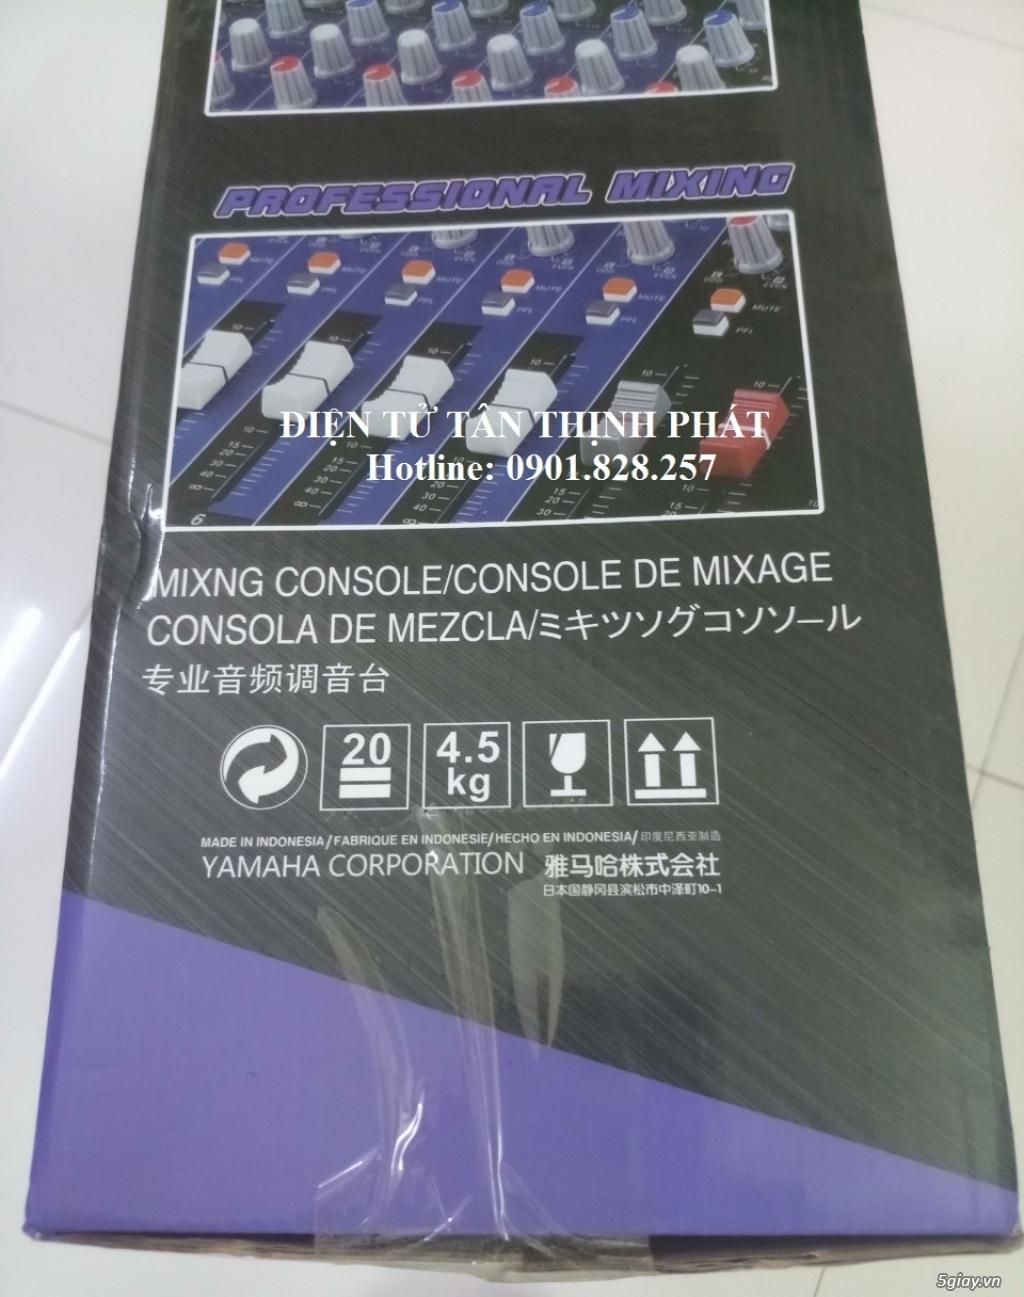 bán mixer yamaha mg80fx giá rẻ tại tphcm - 4